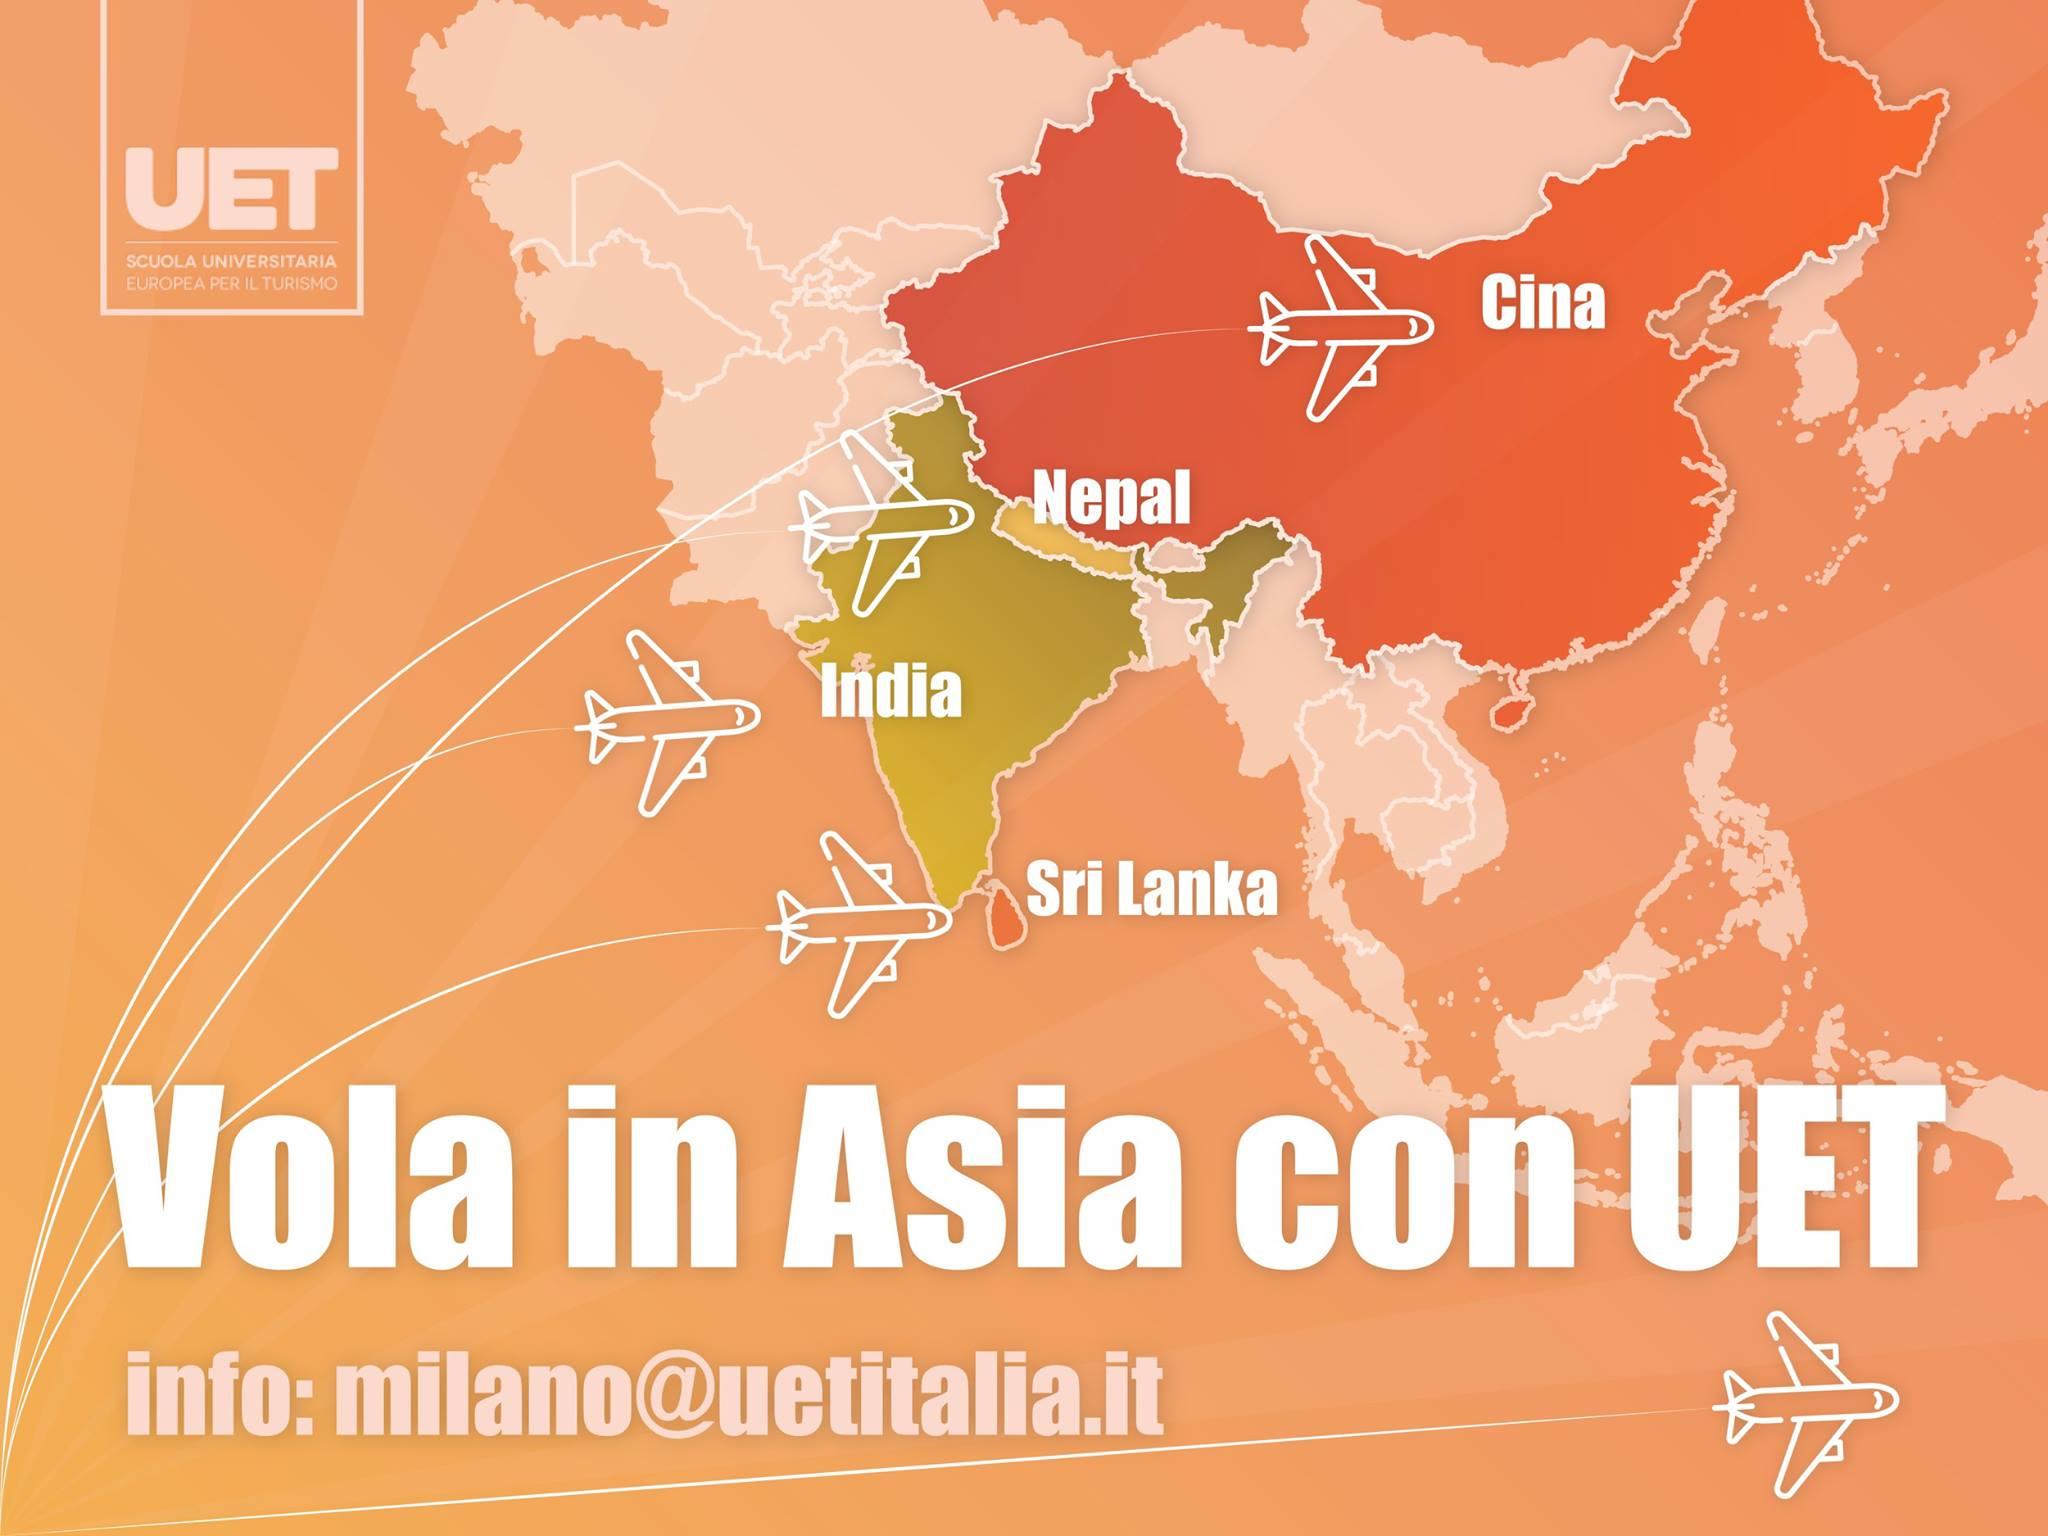 Vola in Asia con UET - Dote Merito 2018